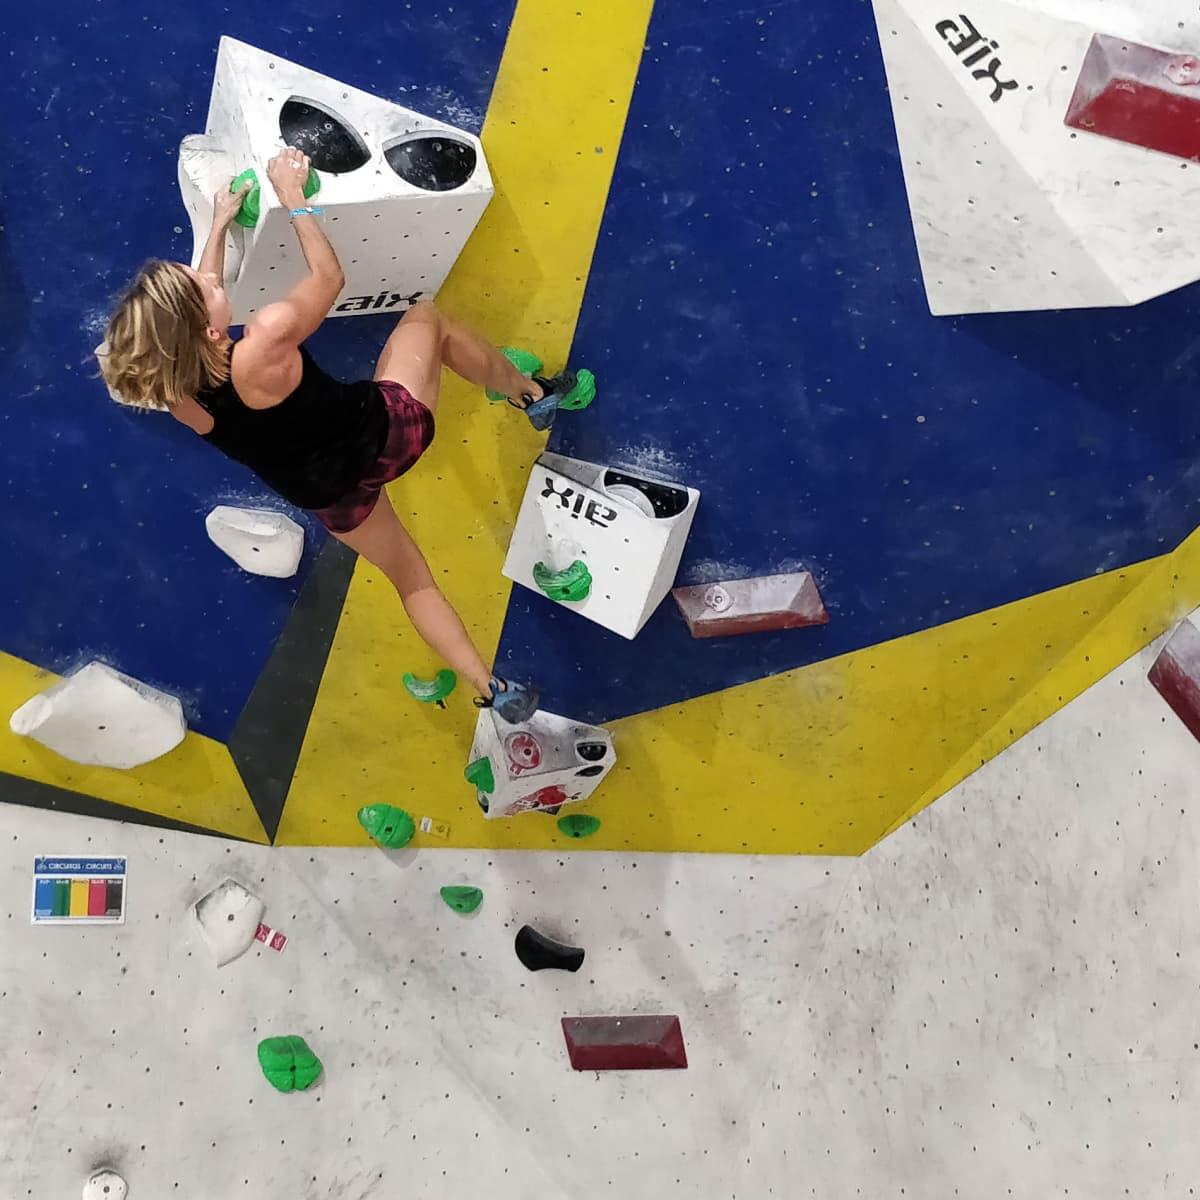 Jenni Christiansen kiipeää sisäkiipeilyhallin boulder-seinällä.